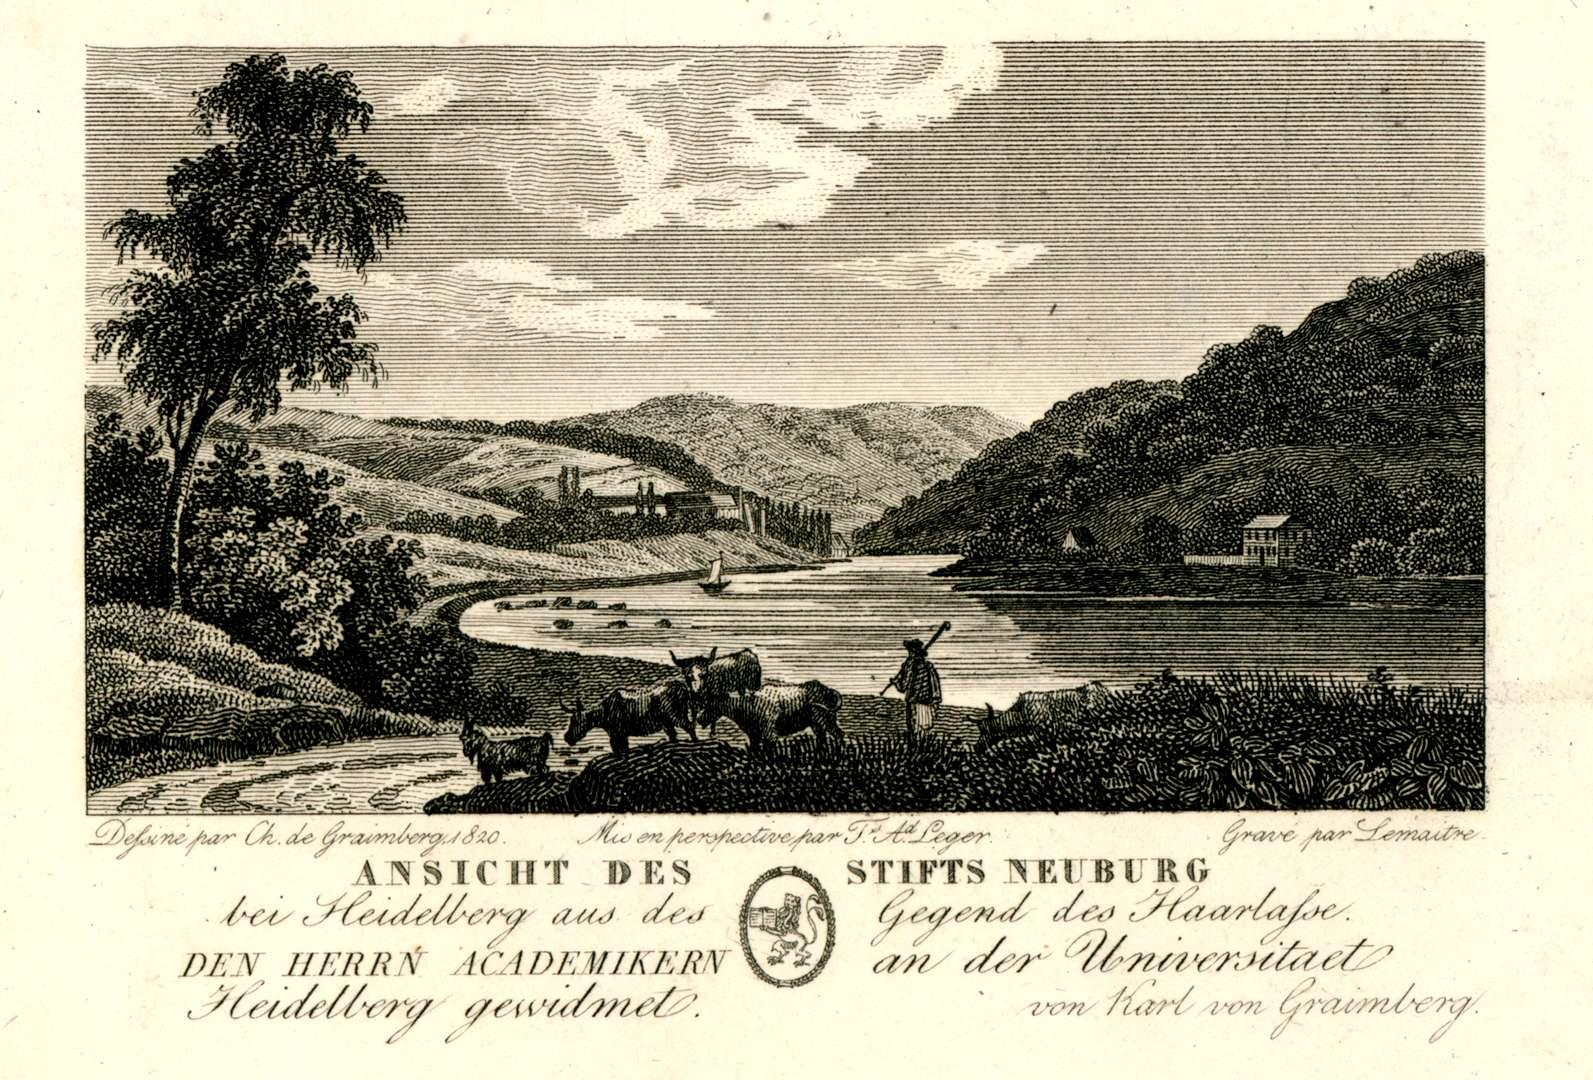 Ansicht des Stifts Neuburg bei Heidelberg aus der Gegend des Haarlass. Den Herrn Academikern an der Universitaet Heidelberg gewidmet von Karl von Graimberg, Bild 1